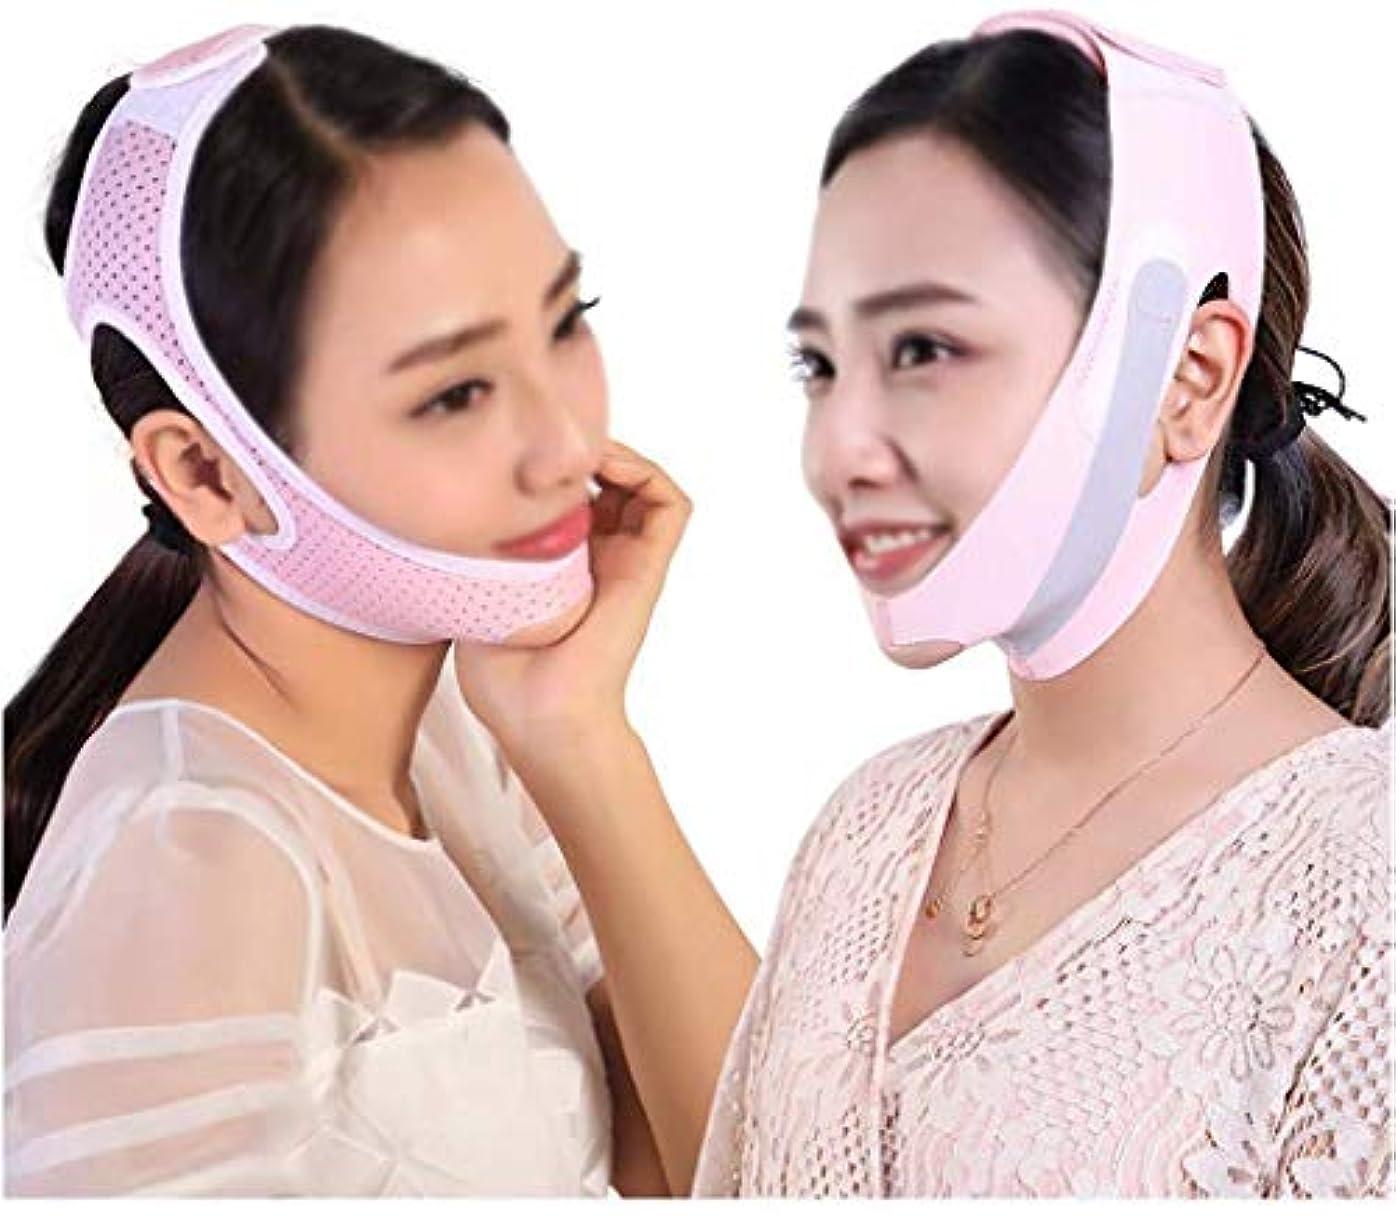 肉屋感情遠征スリミングVフェイスマスク、顔と首のリフトポストエラスティックスリーブシェーピングVフェイスマスクシュリンクチンシンフェイスバンデージタイトニングスモールVフェイスアーティファクトフェイスマスク(2パック)(サイズ:L)